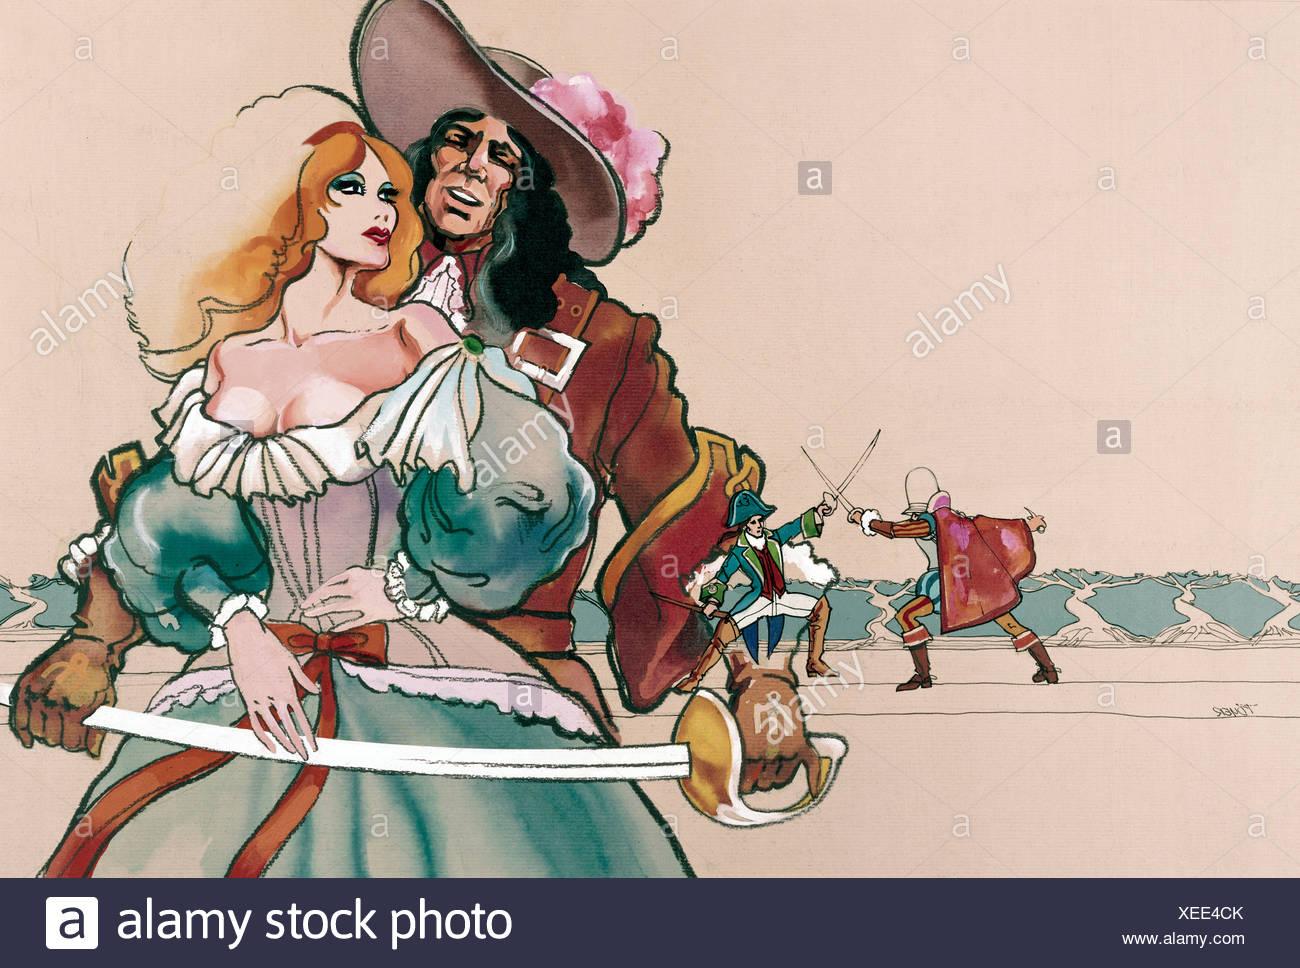 Cavalier Spada attraverso Maden, acquerello Immagini Stock